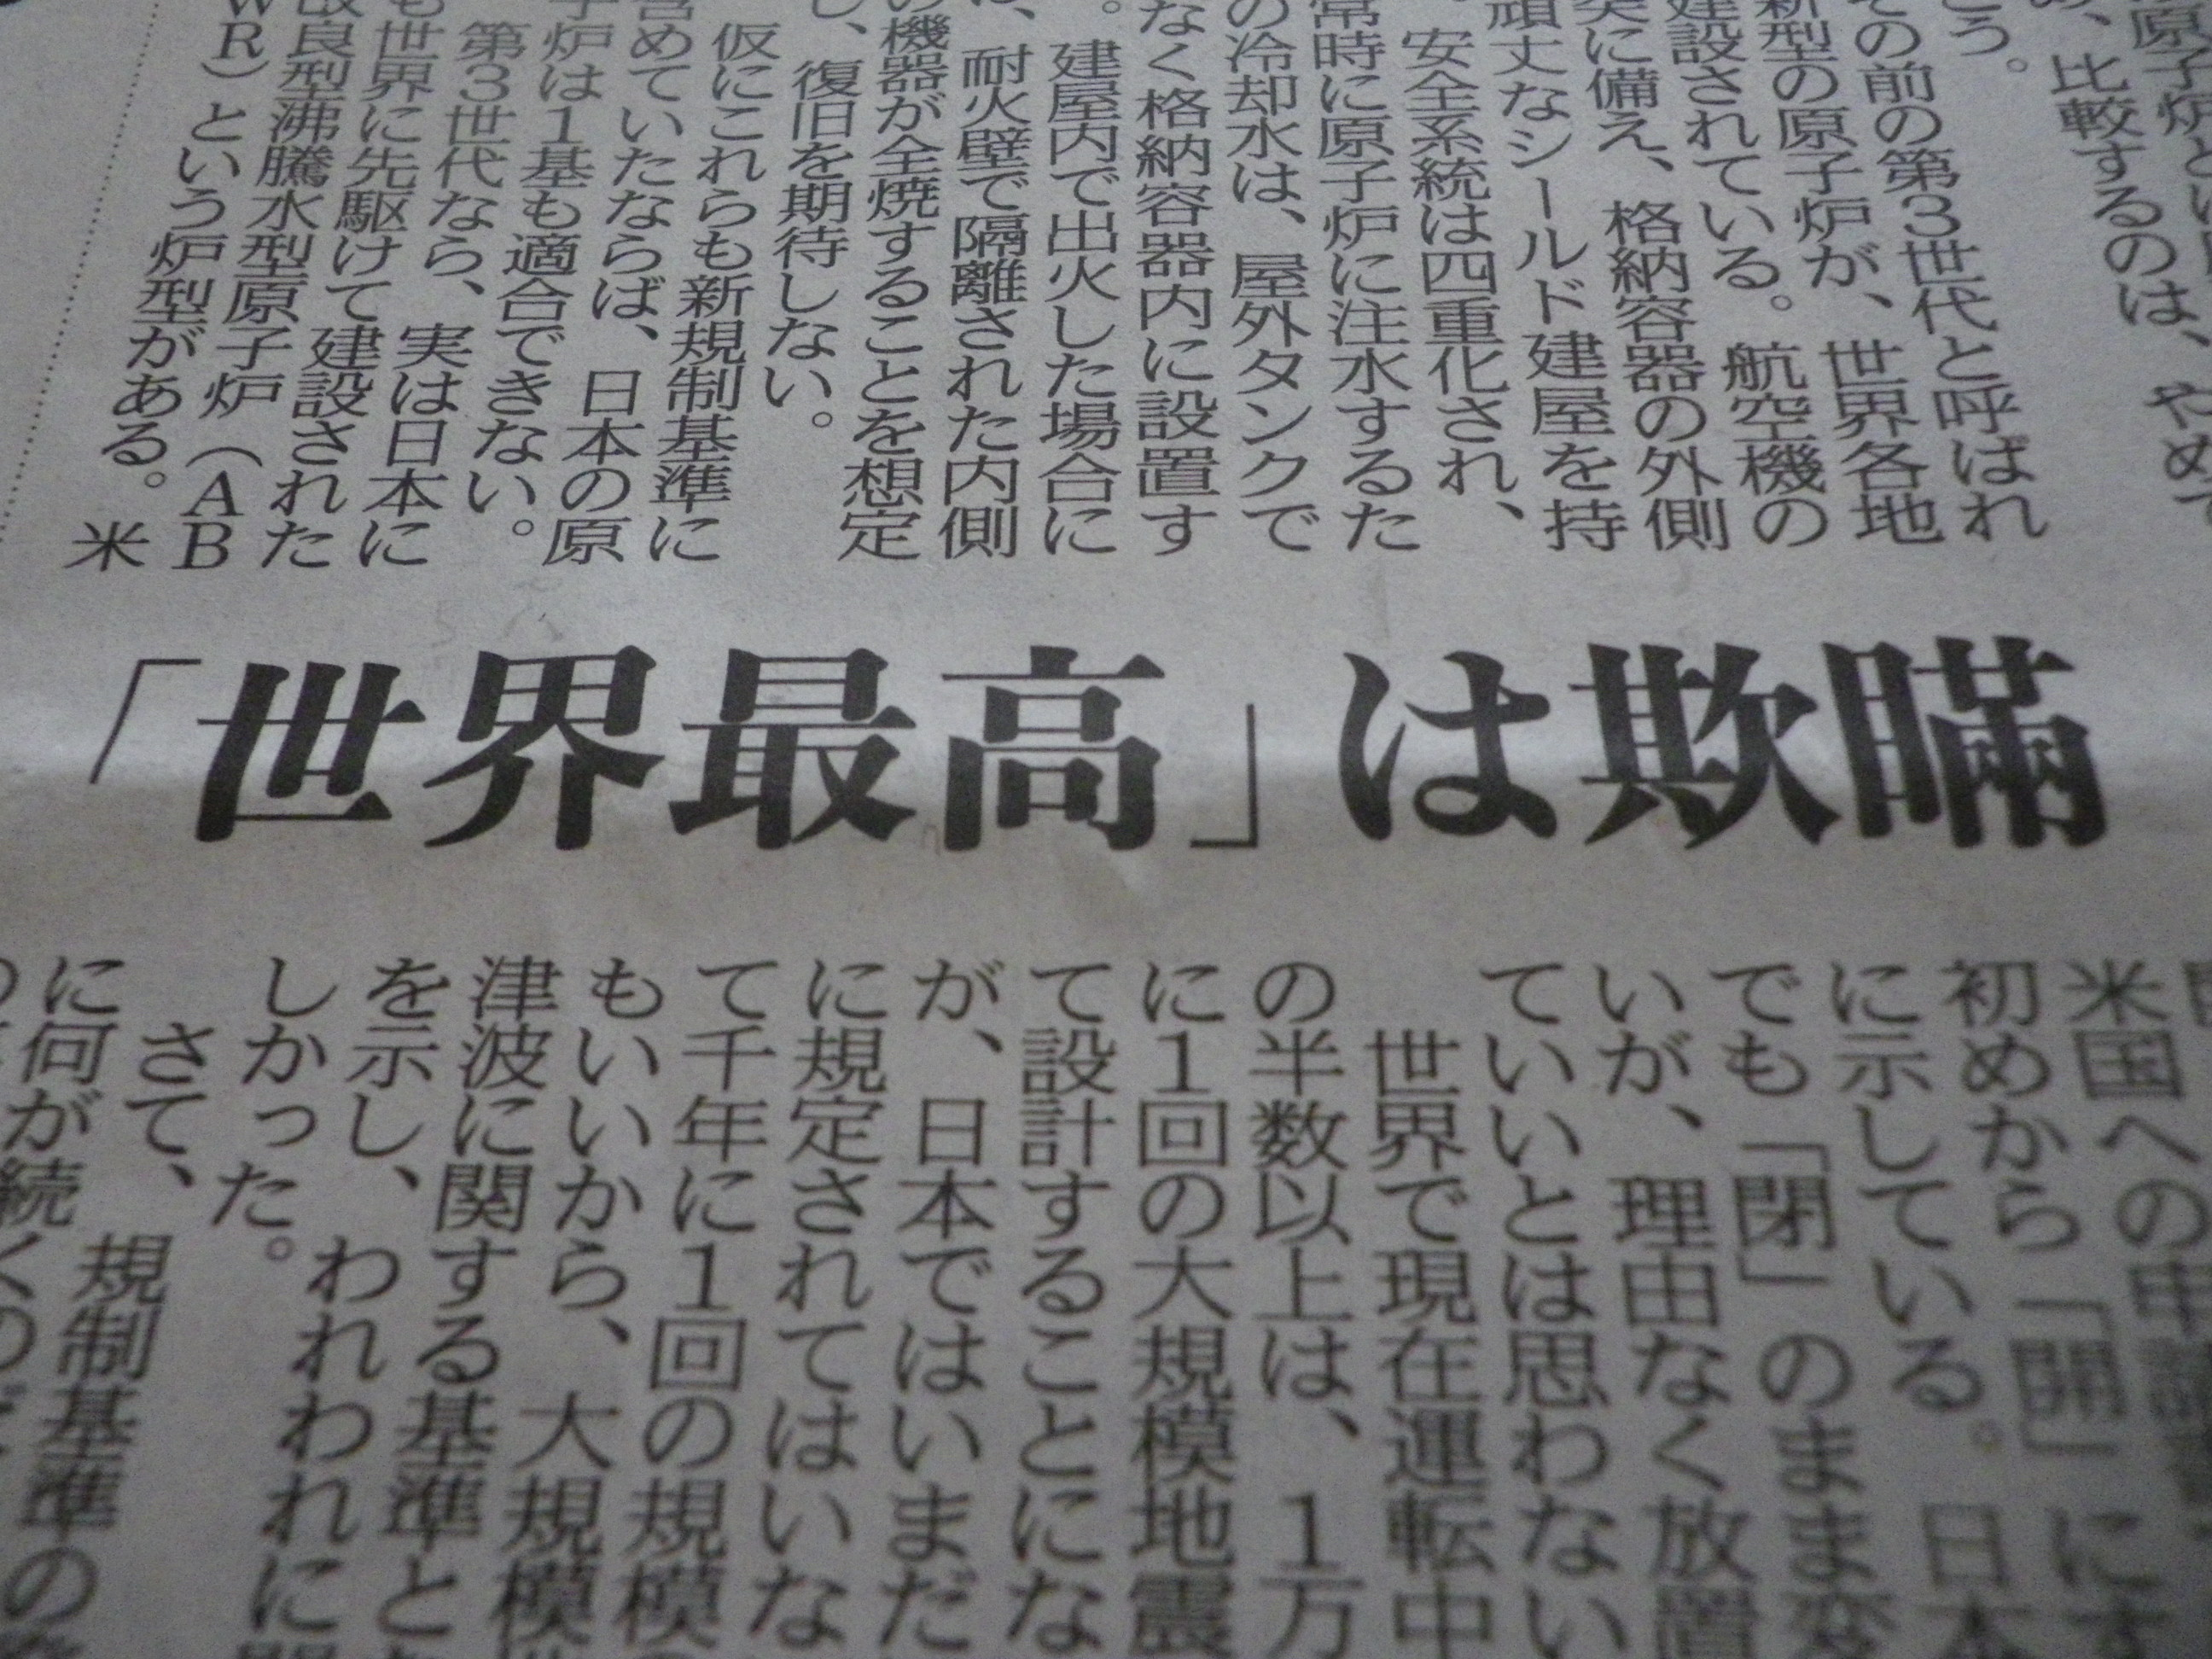 西日本新聞:「世界最高」は欺瞞